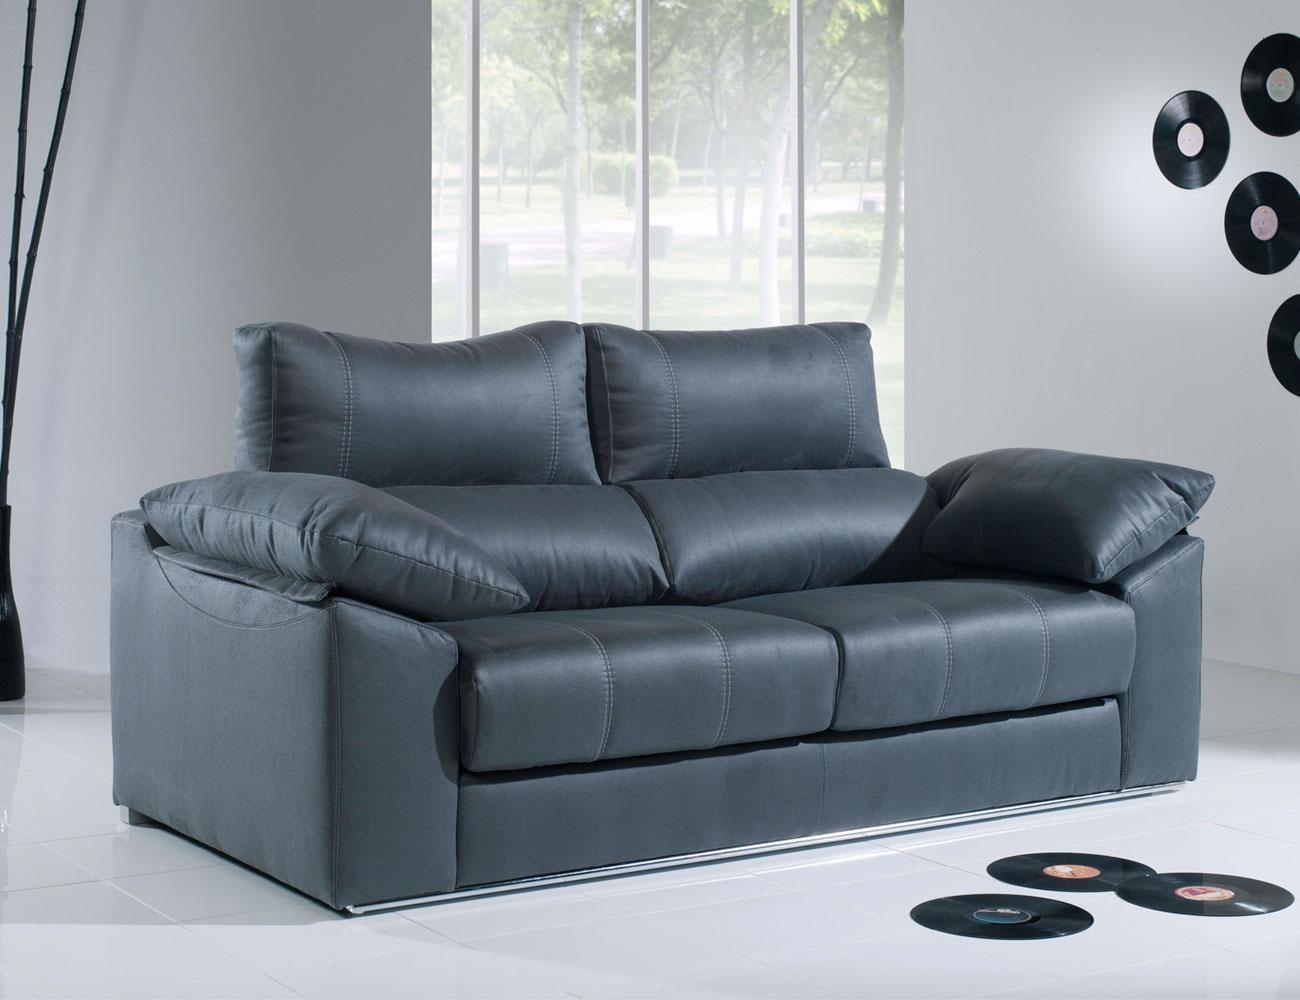 Sofa 3 plazas moderno con barra10